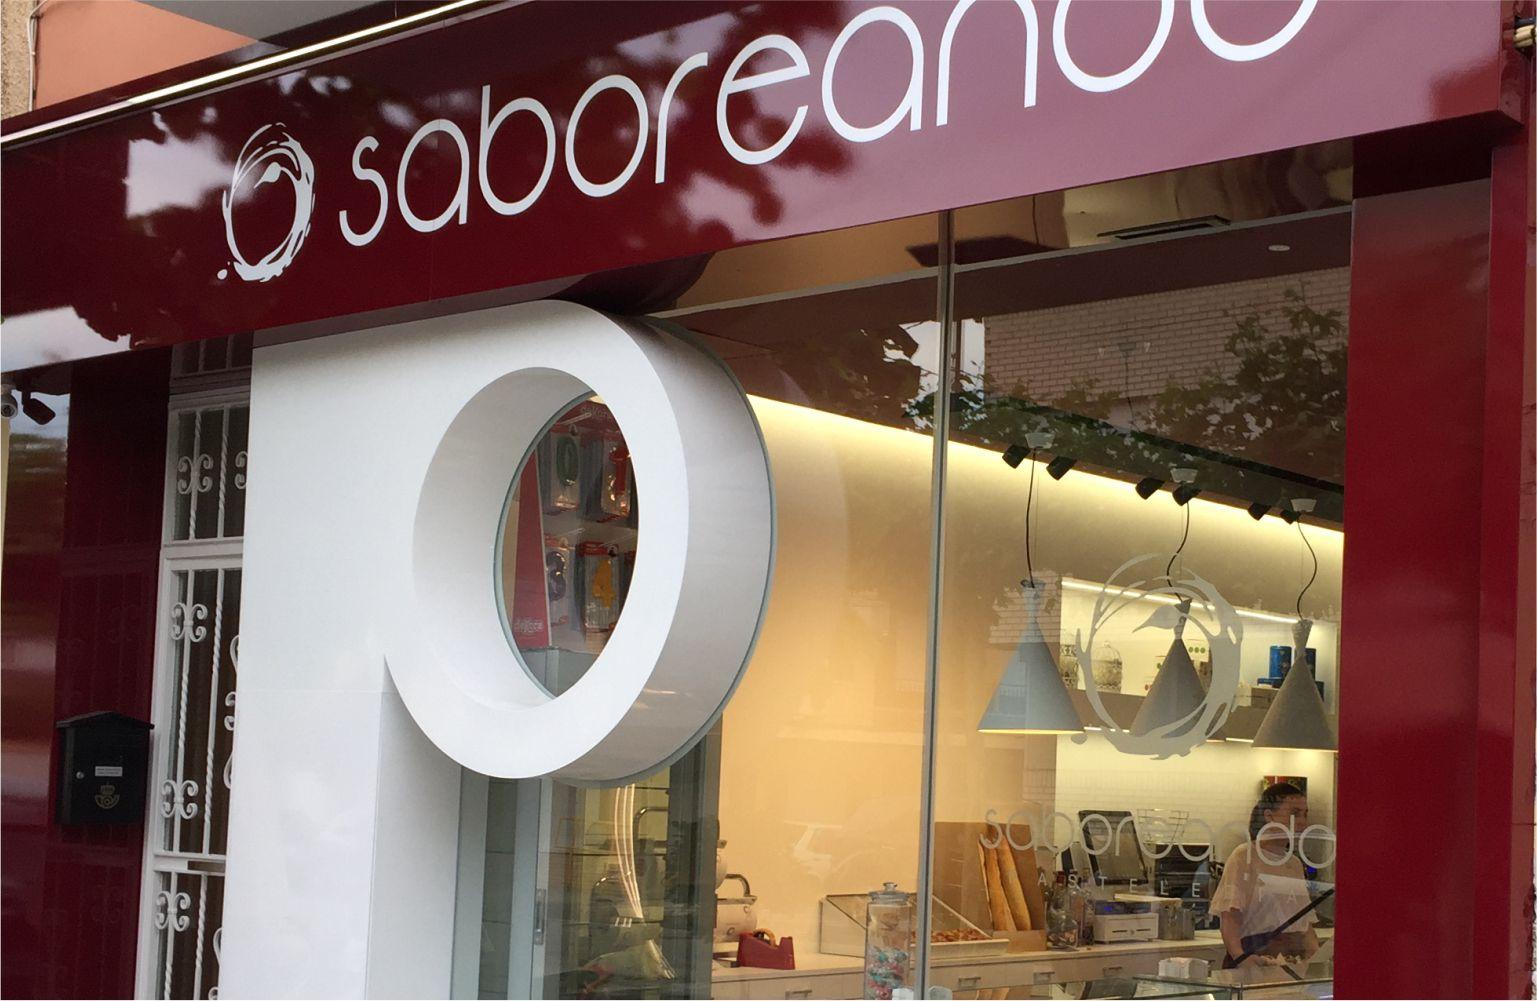 Diseño de fachadas en composite, panel sandwich, chapa lama, aluminio, pvc, o madera en Murcia